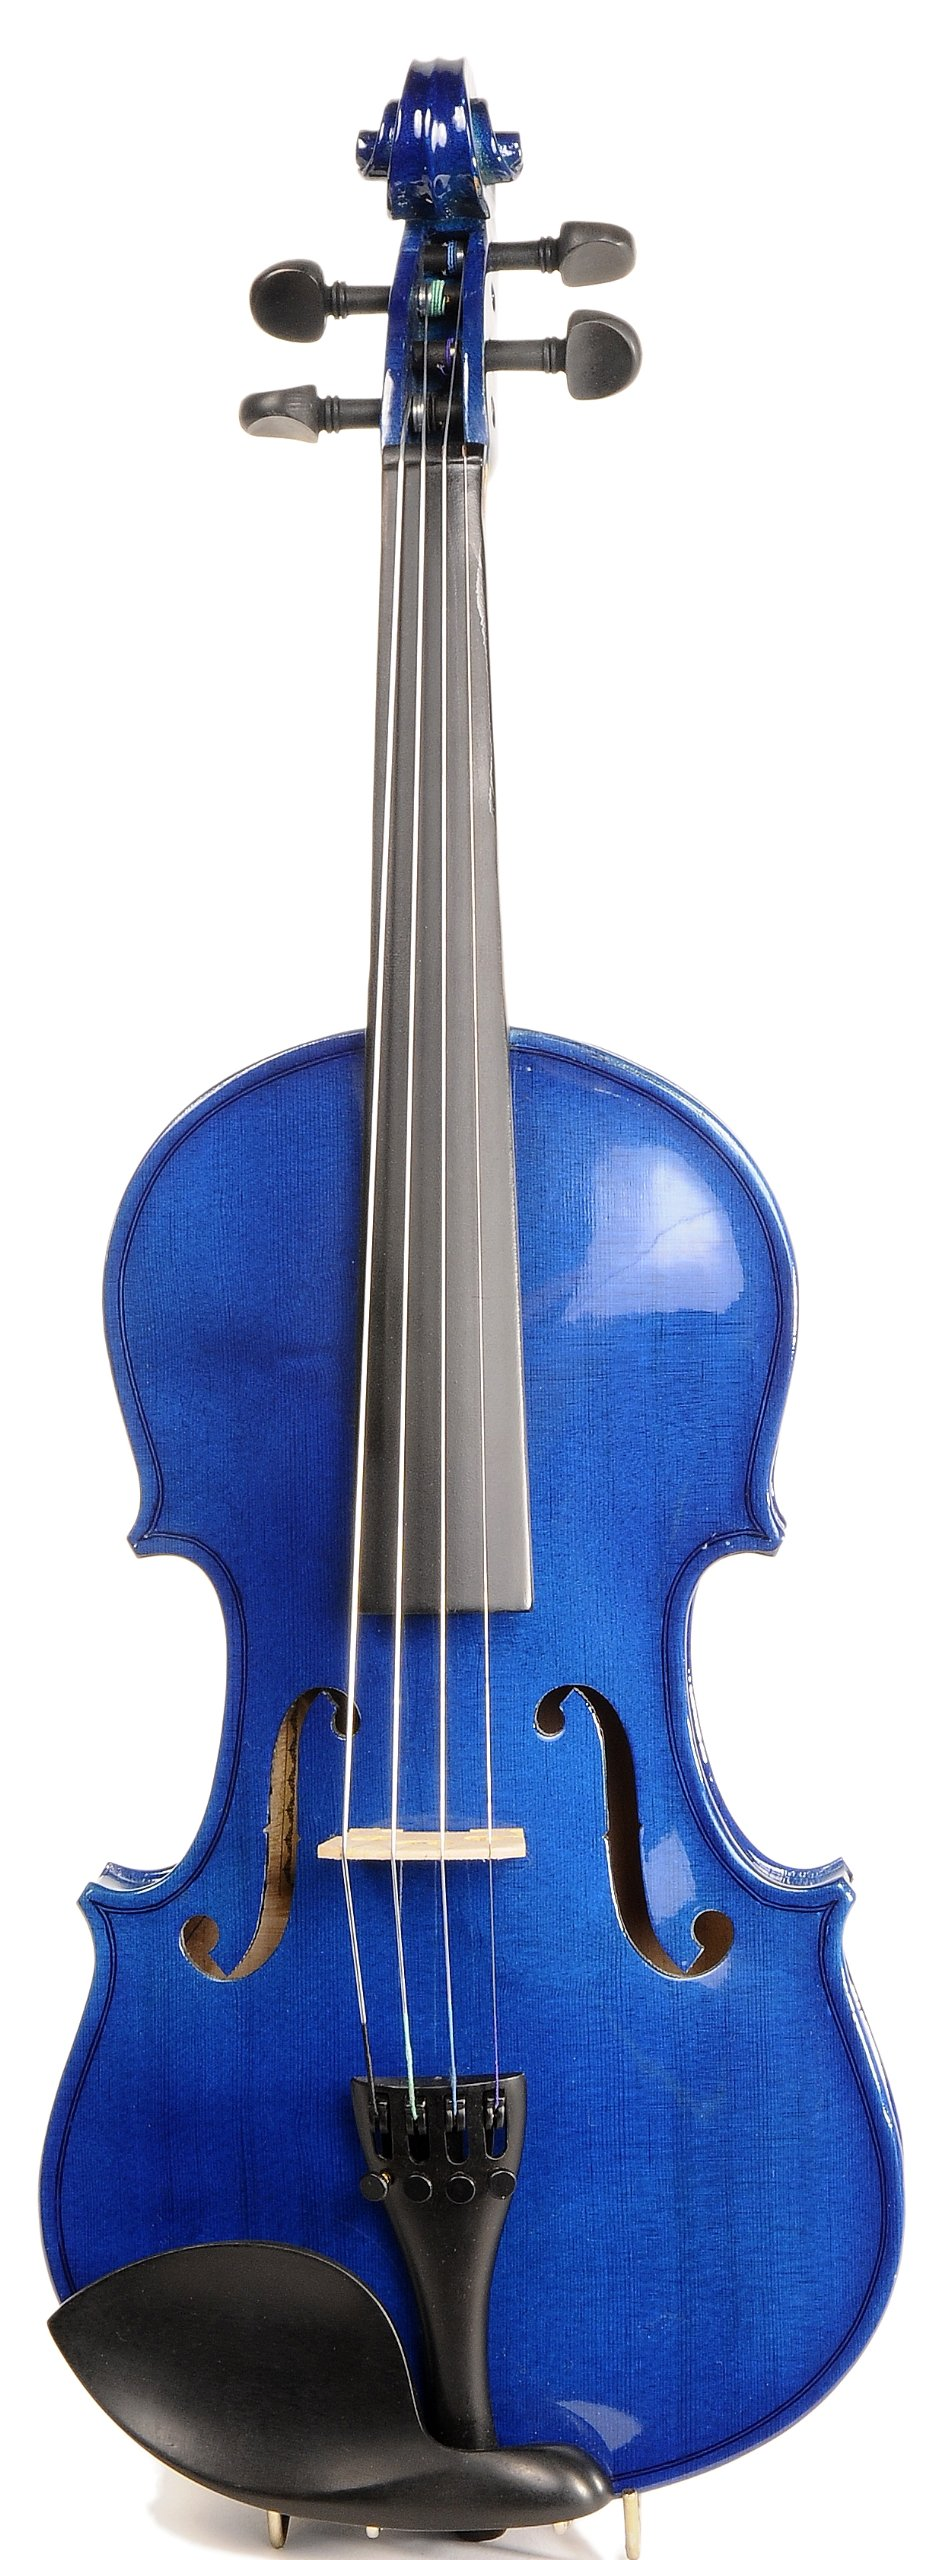 Ashton Av342 - Violino, 3/4, colore: Blu